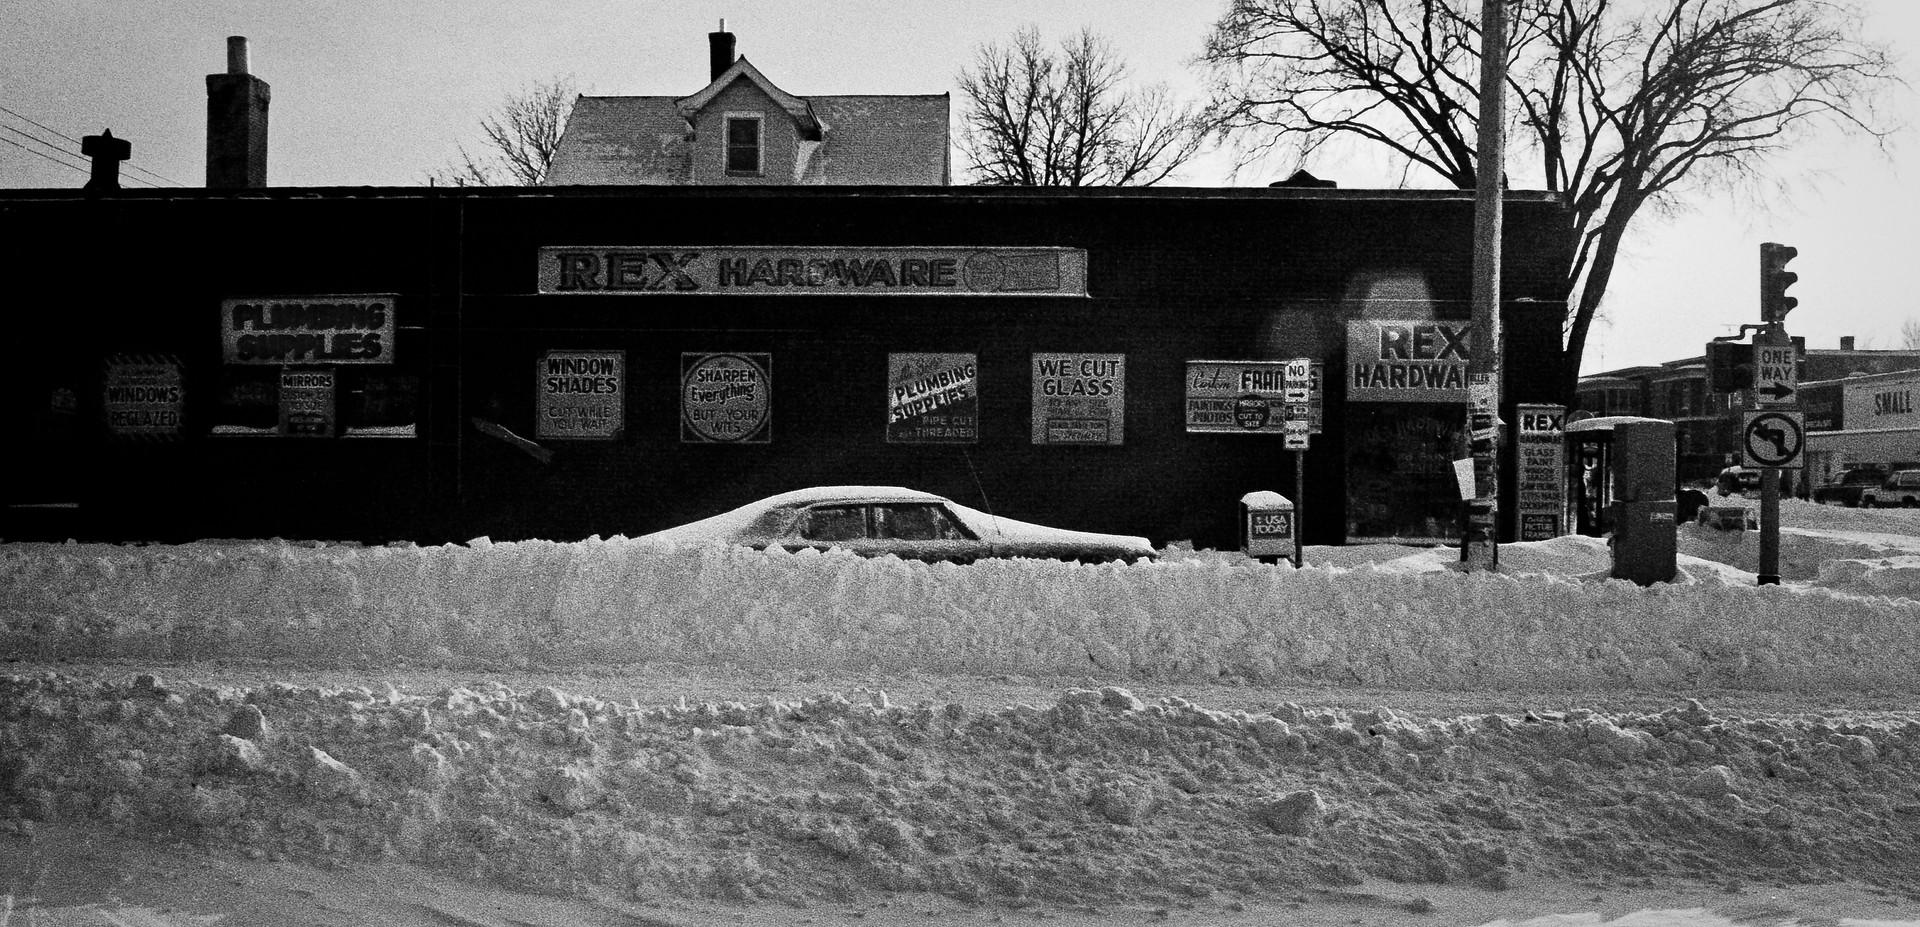 Minneapolis, USA 1981